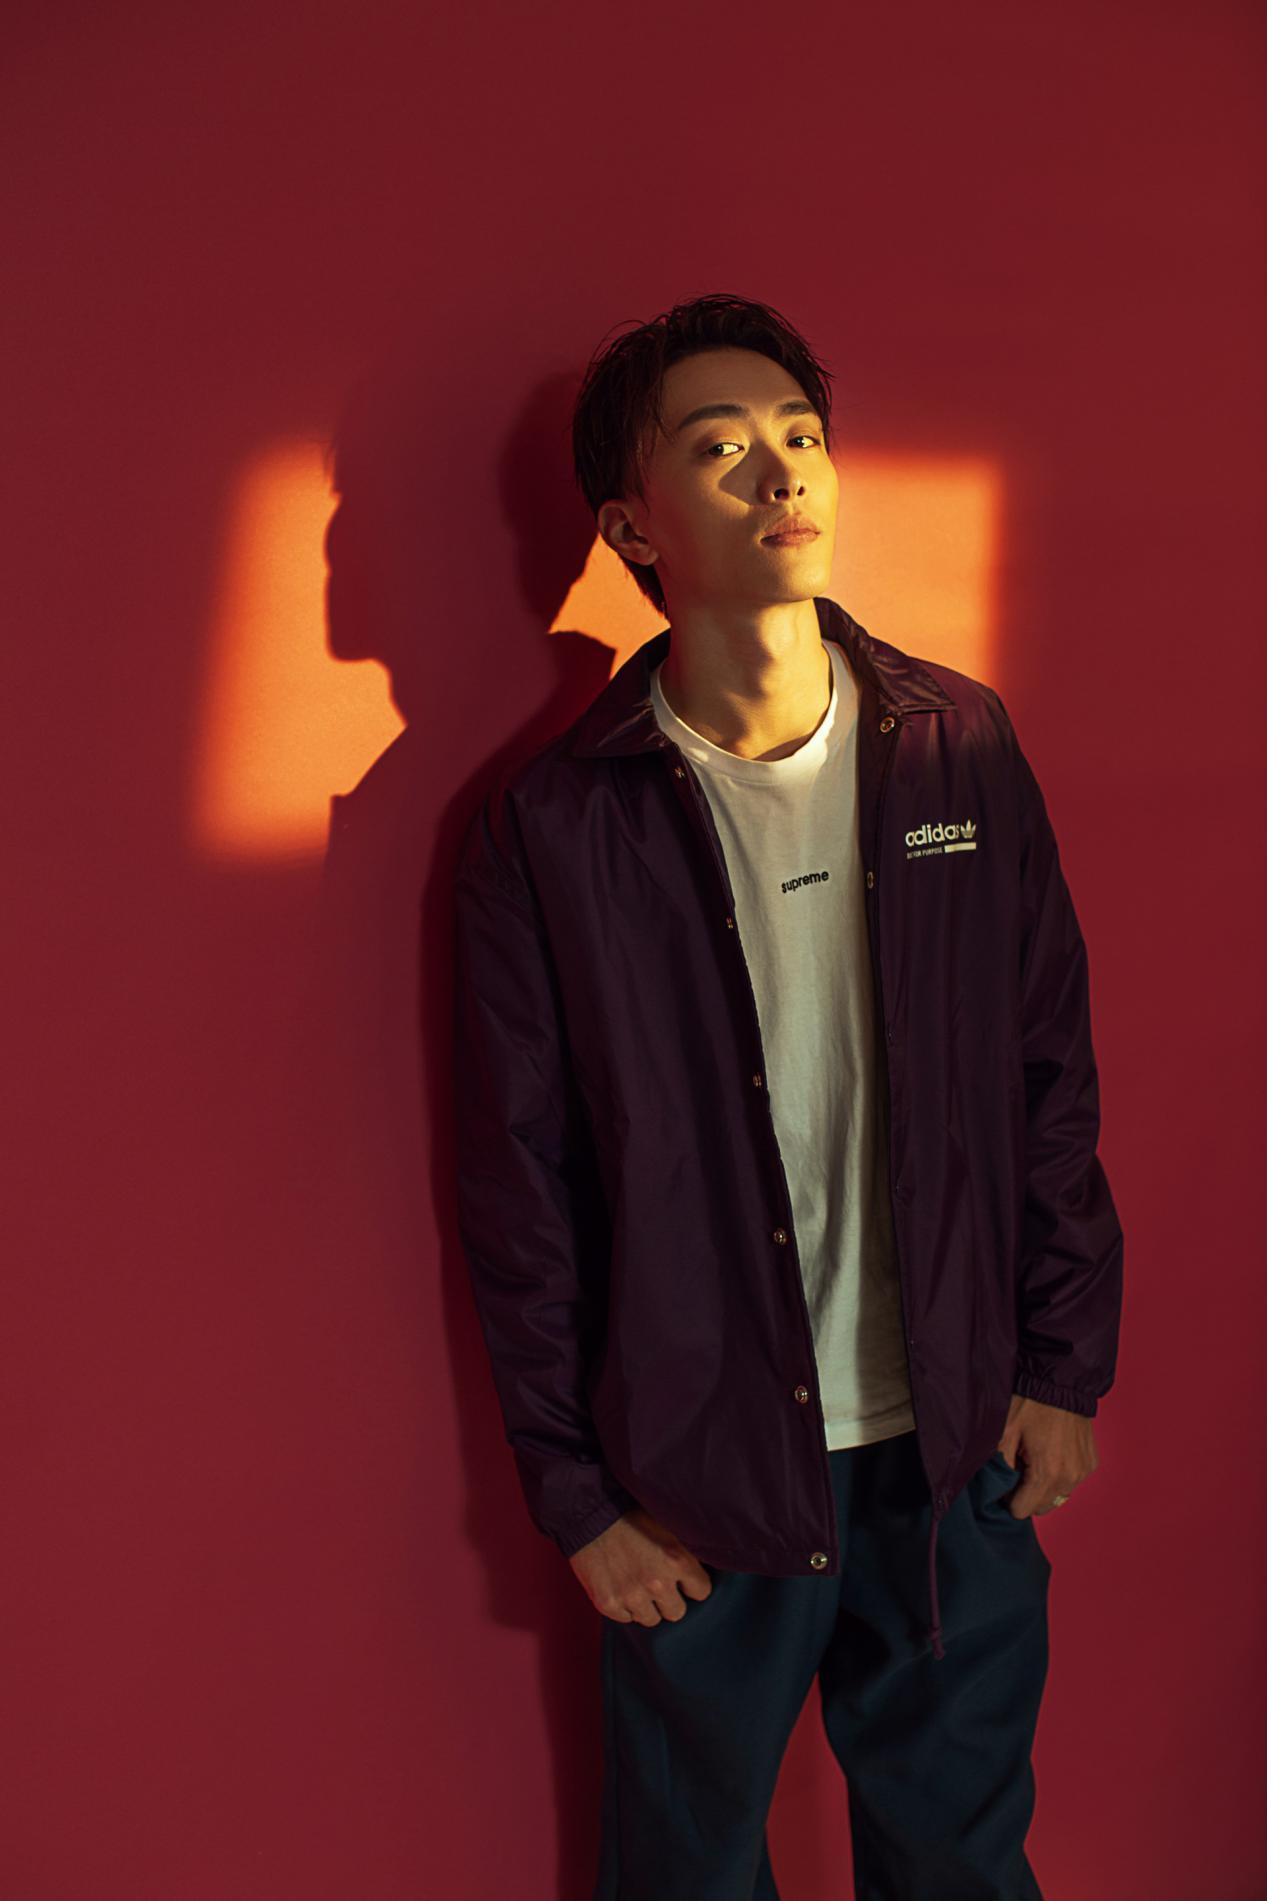 演员刘梓亦全新写真曝光 《极客江湖》完美演绎马楠